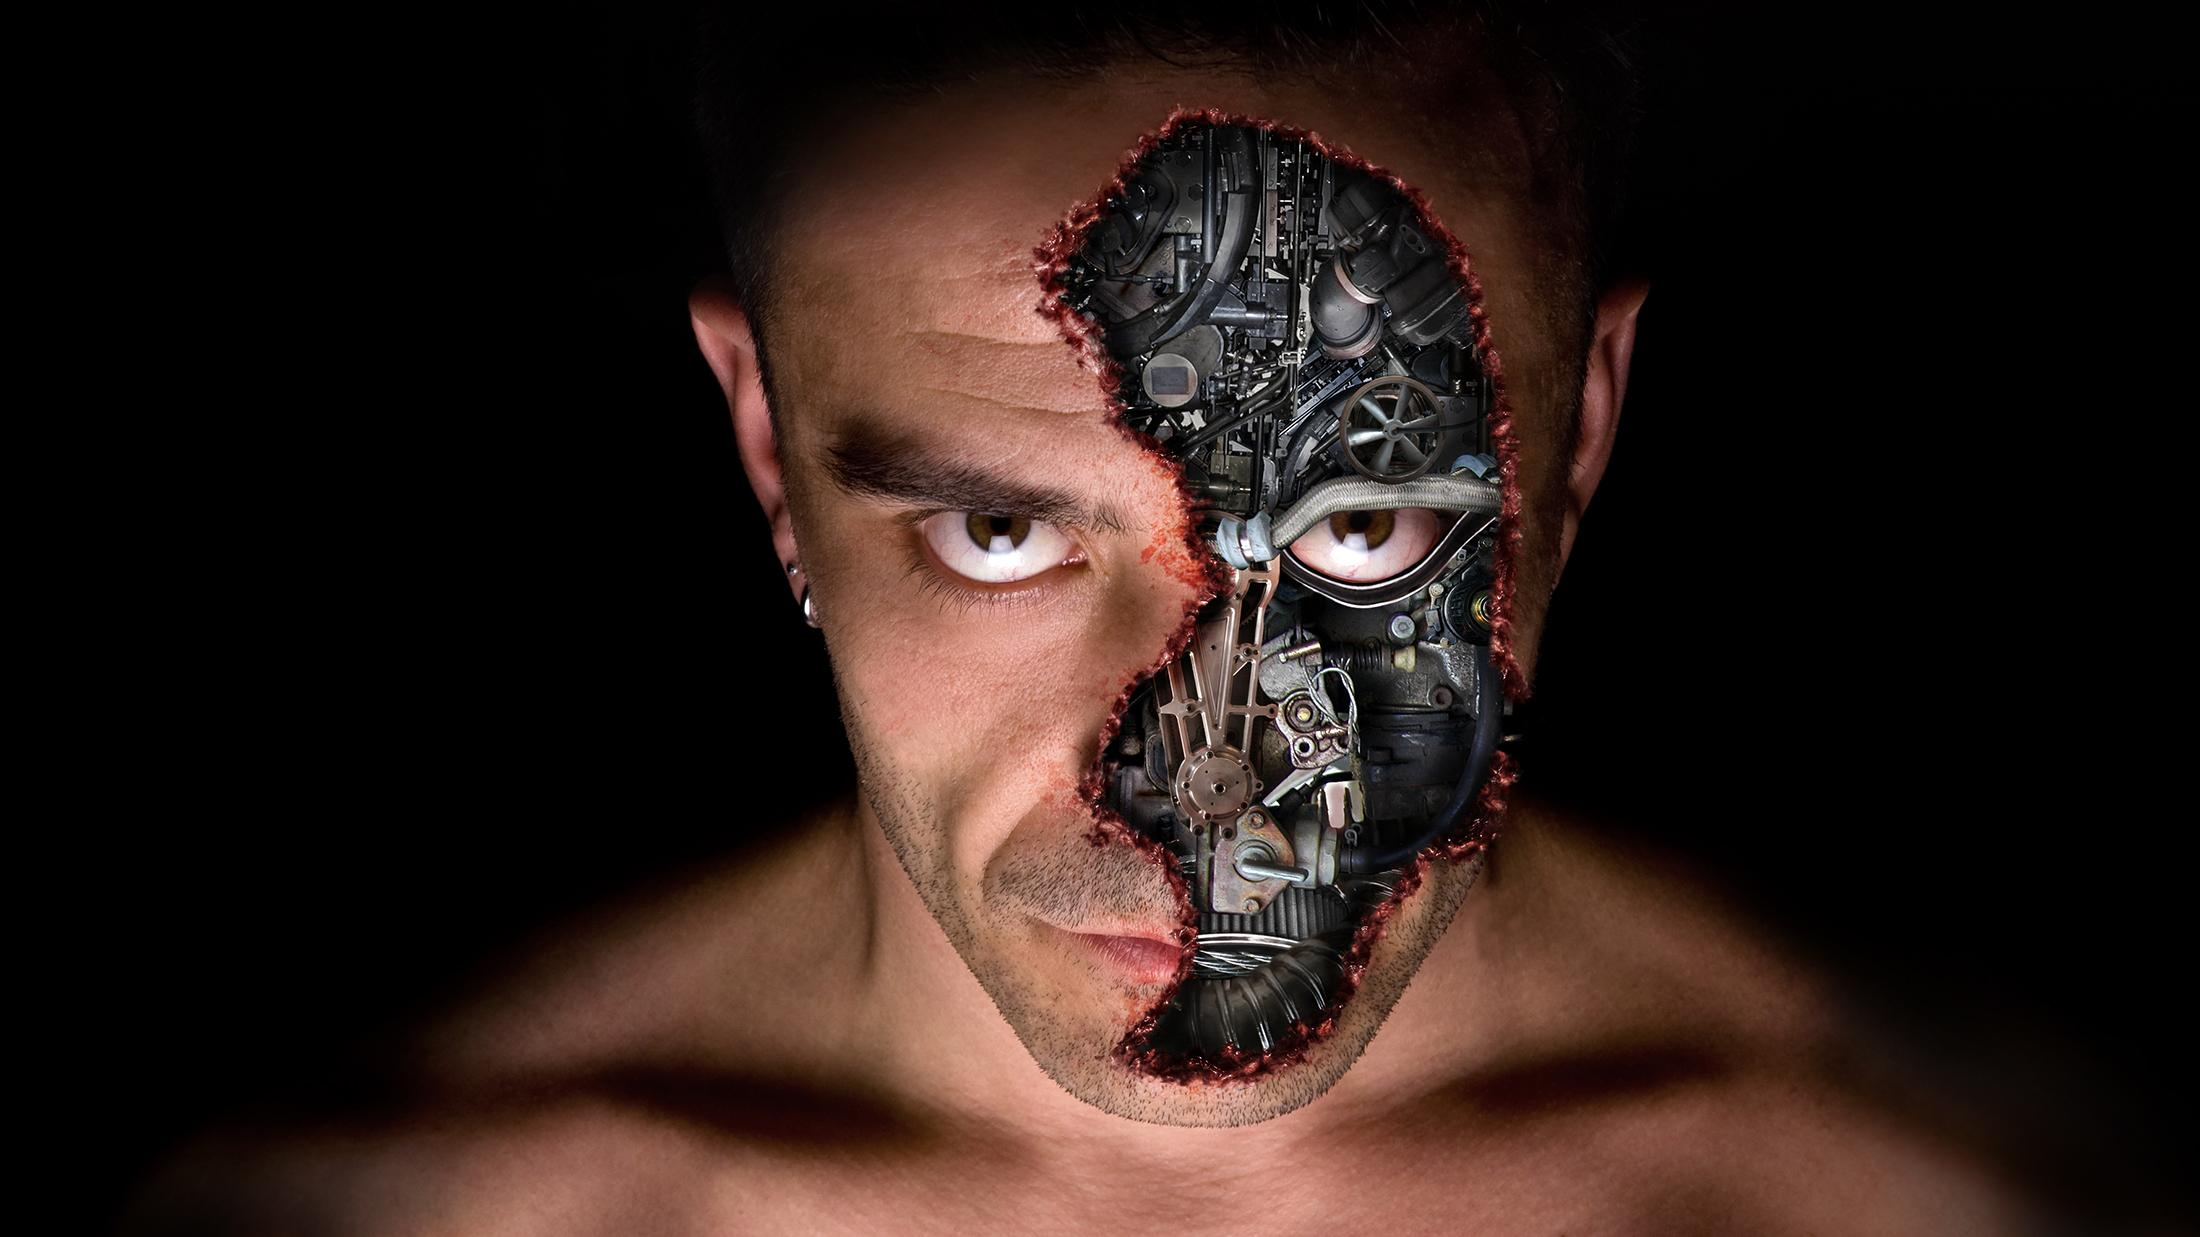 Части тела. Какие органы медики научились пересаживать человеку?